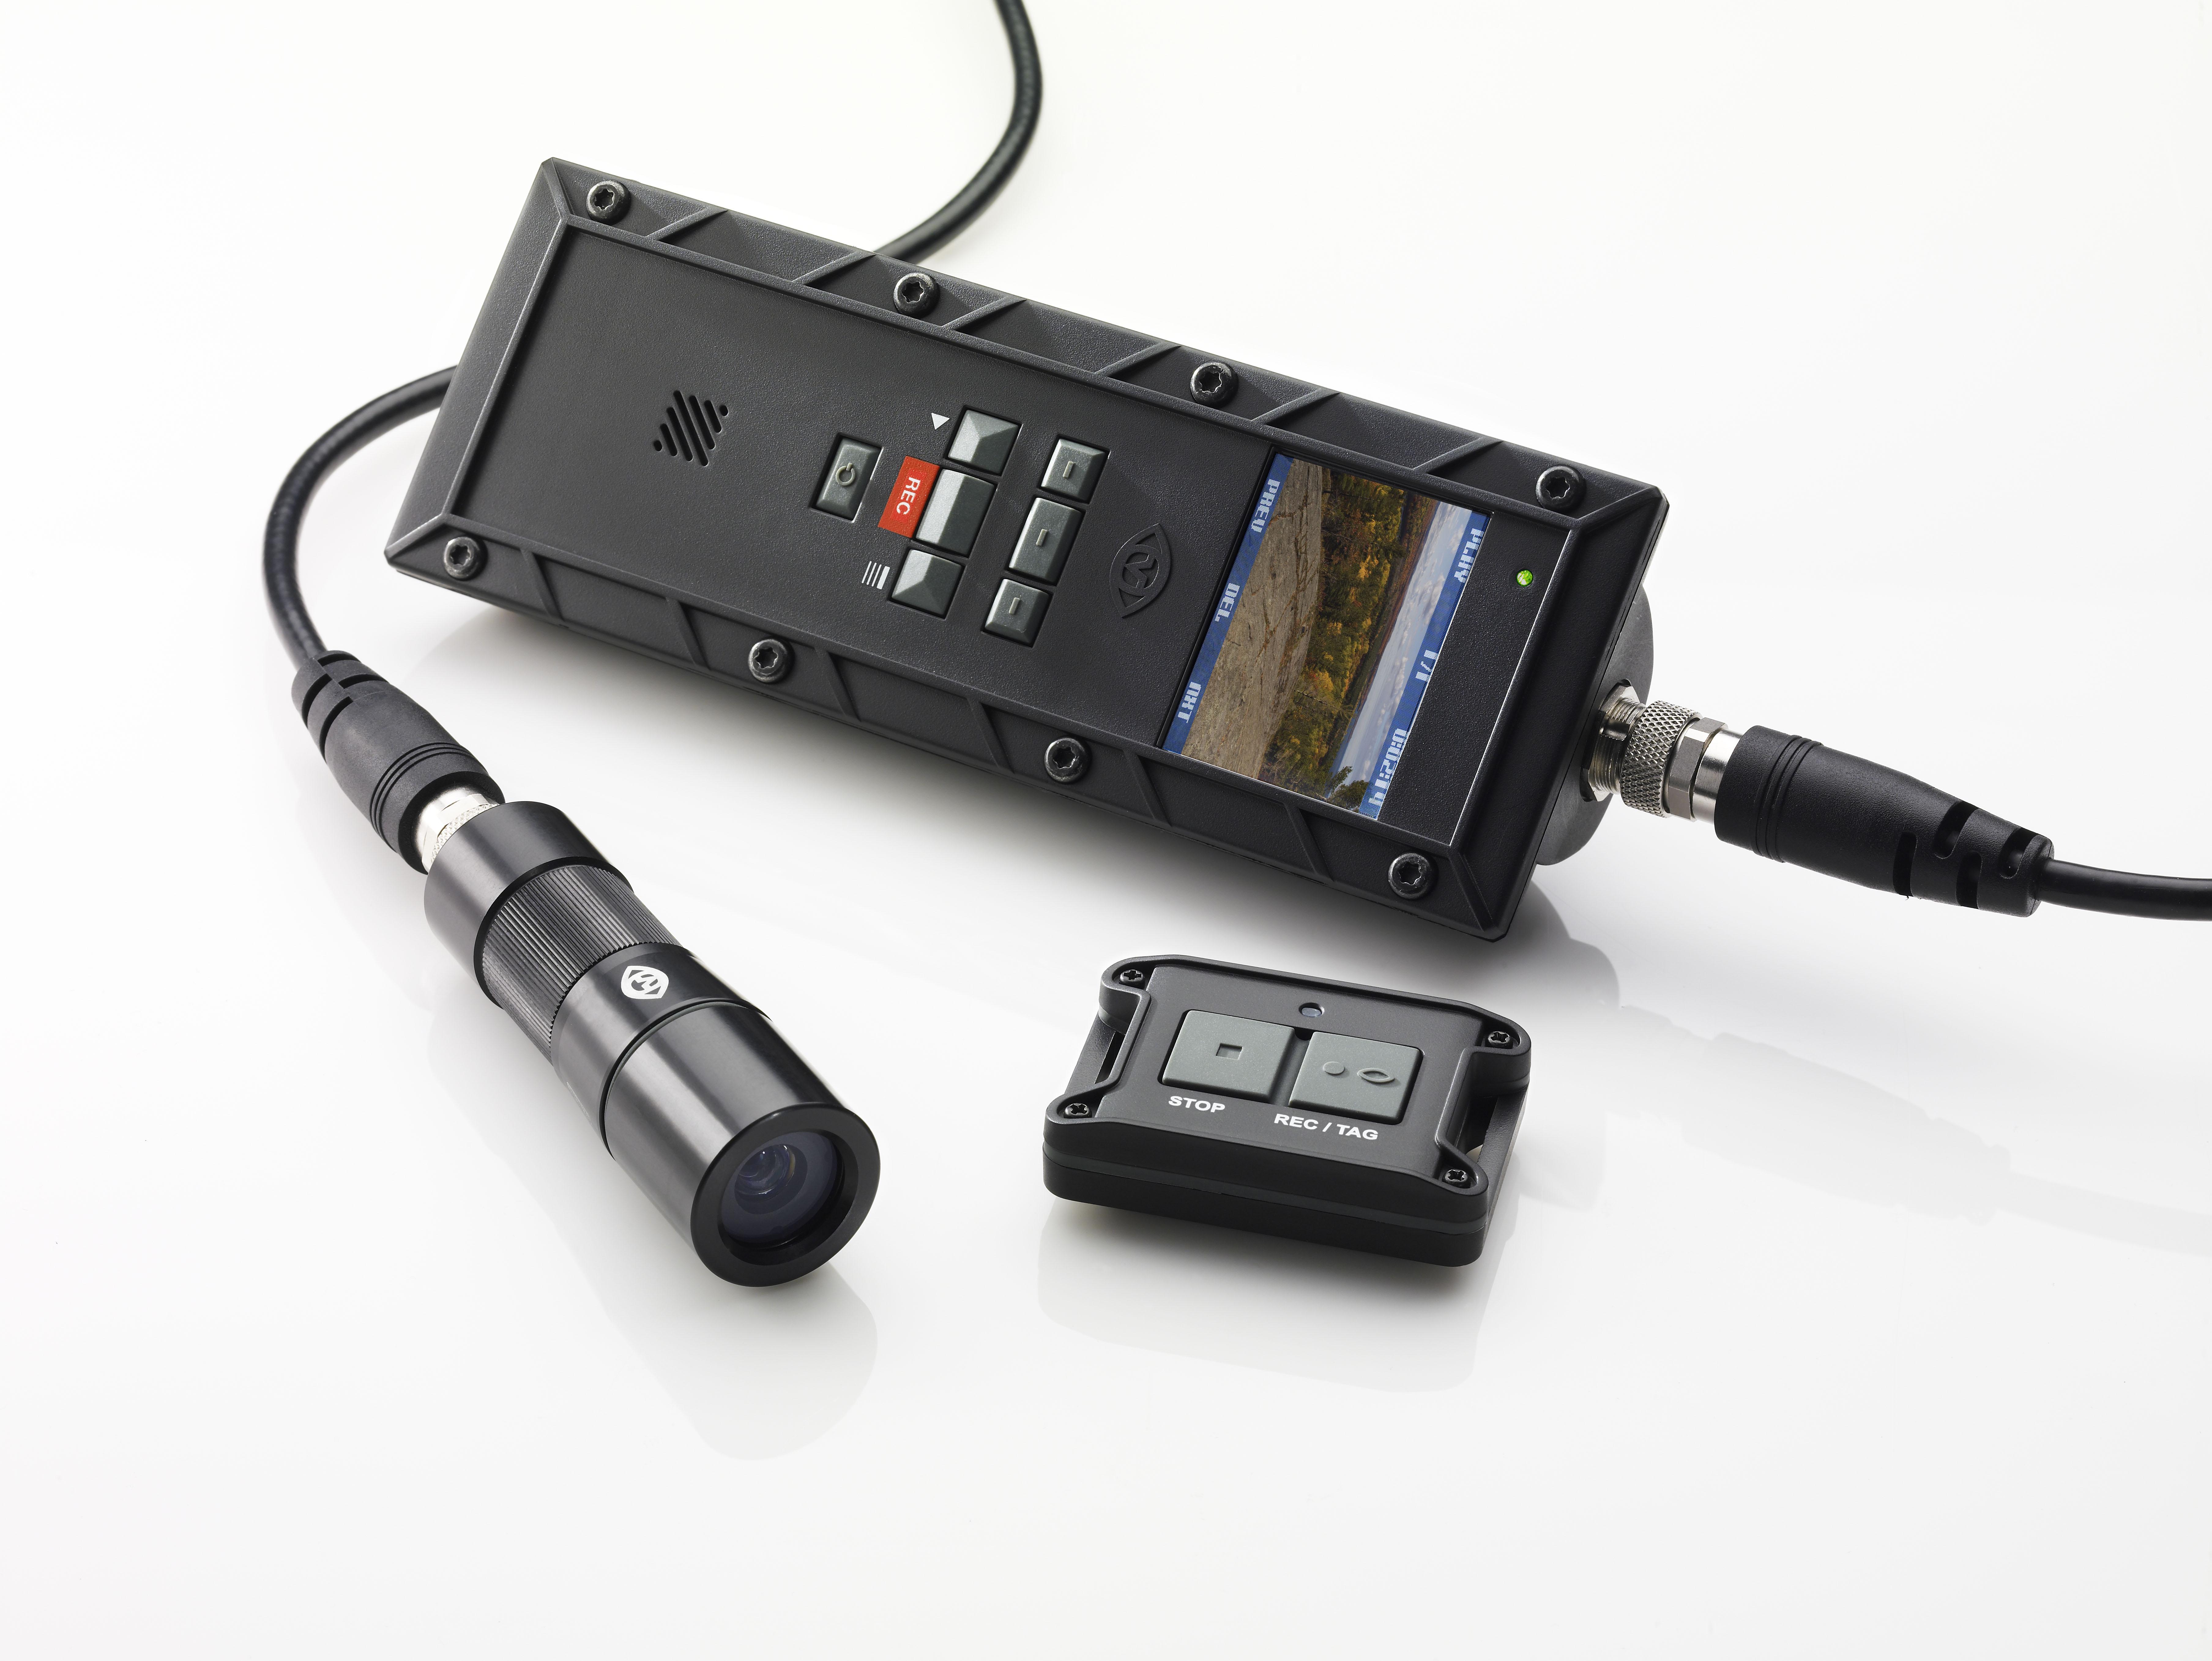 GroßZüGig Digital Voice Recorder 8 Gb Wiederaufladbare Stimme Recorder Mp3 Player Sound Audio Recorder Mit Metall Gehäuse Für Vorträge Tagungen Unterhaltungselektronik